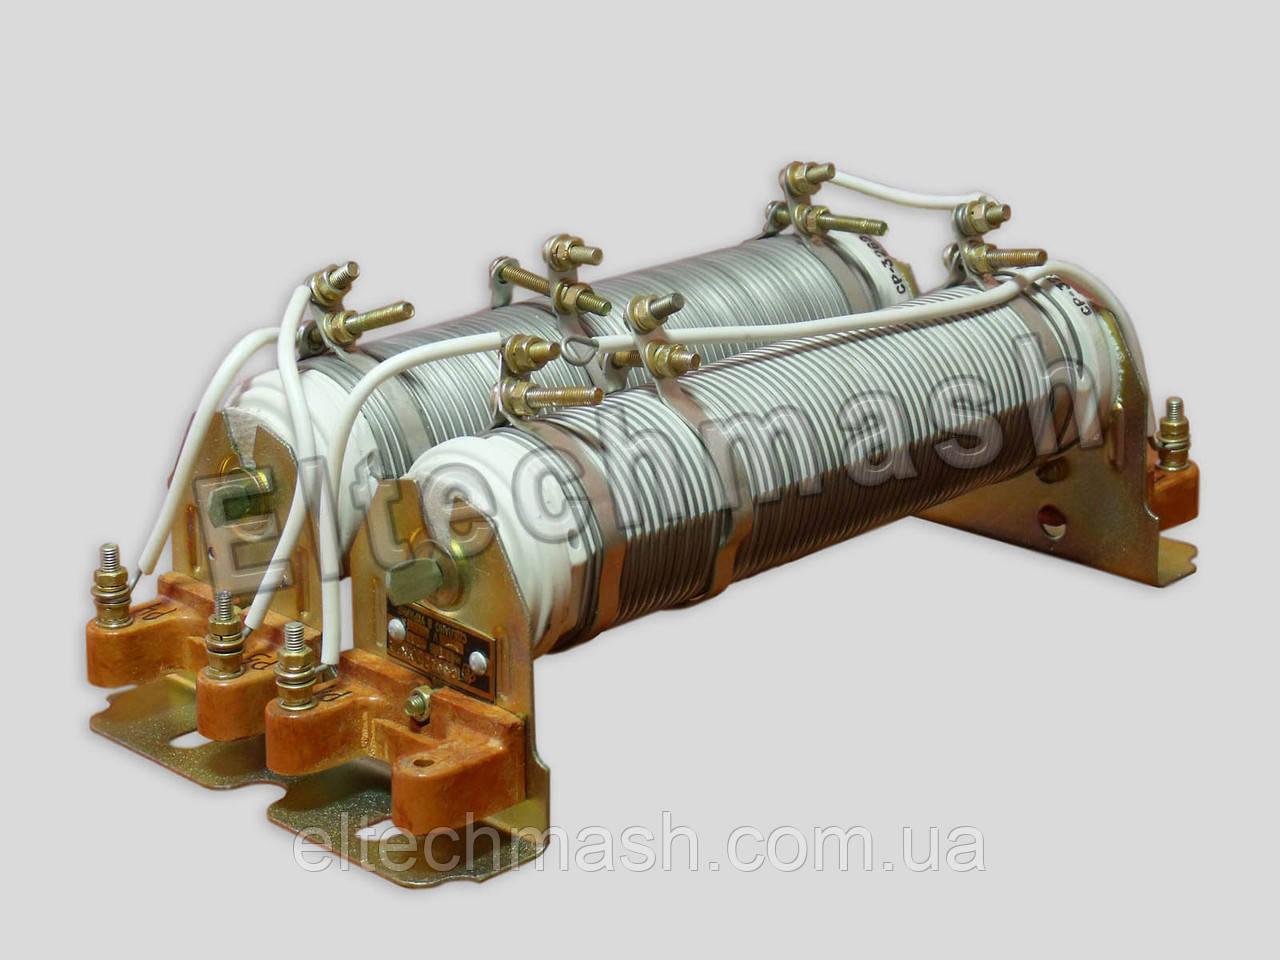 Резистор ПС-50240 УХЛ2